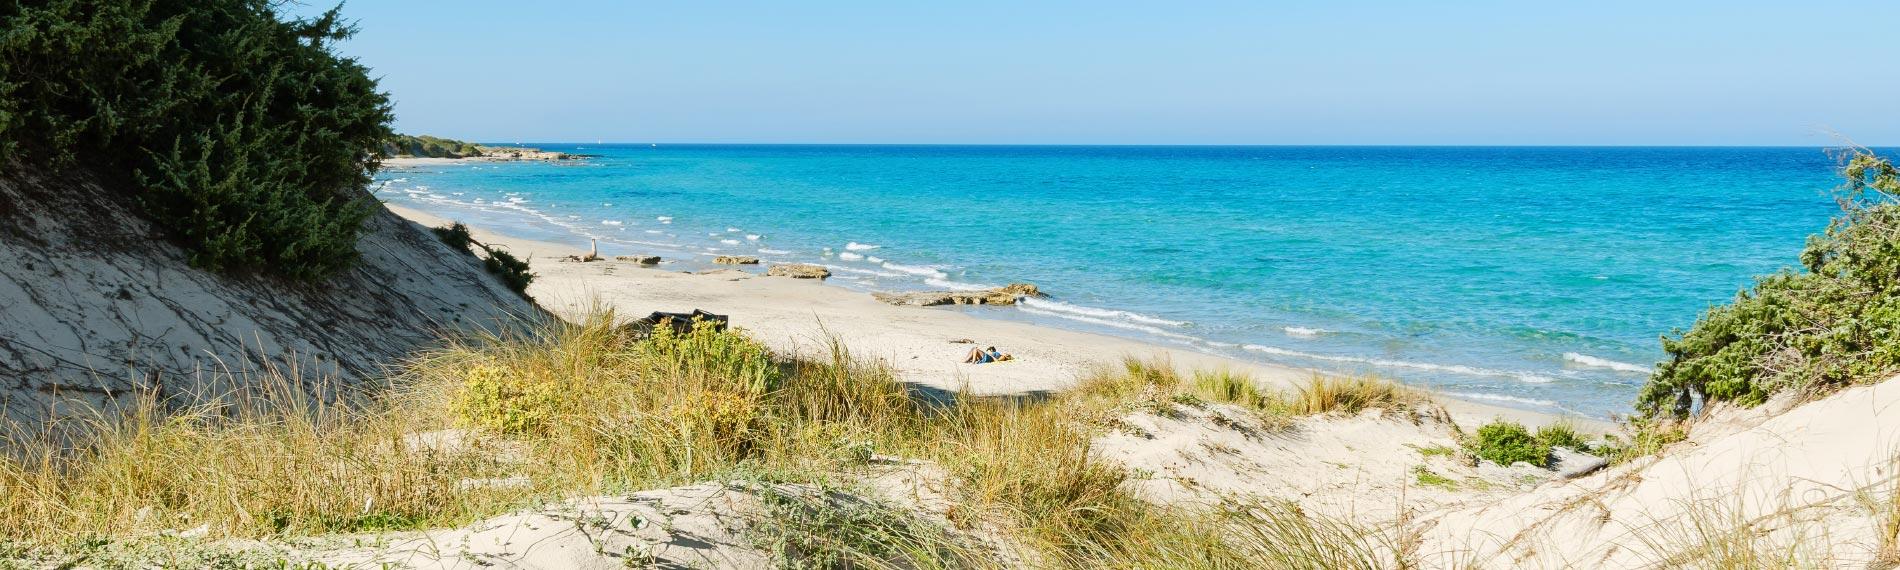 spiaggia-otranto